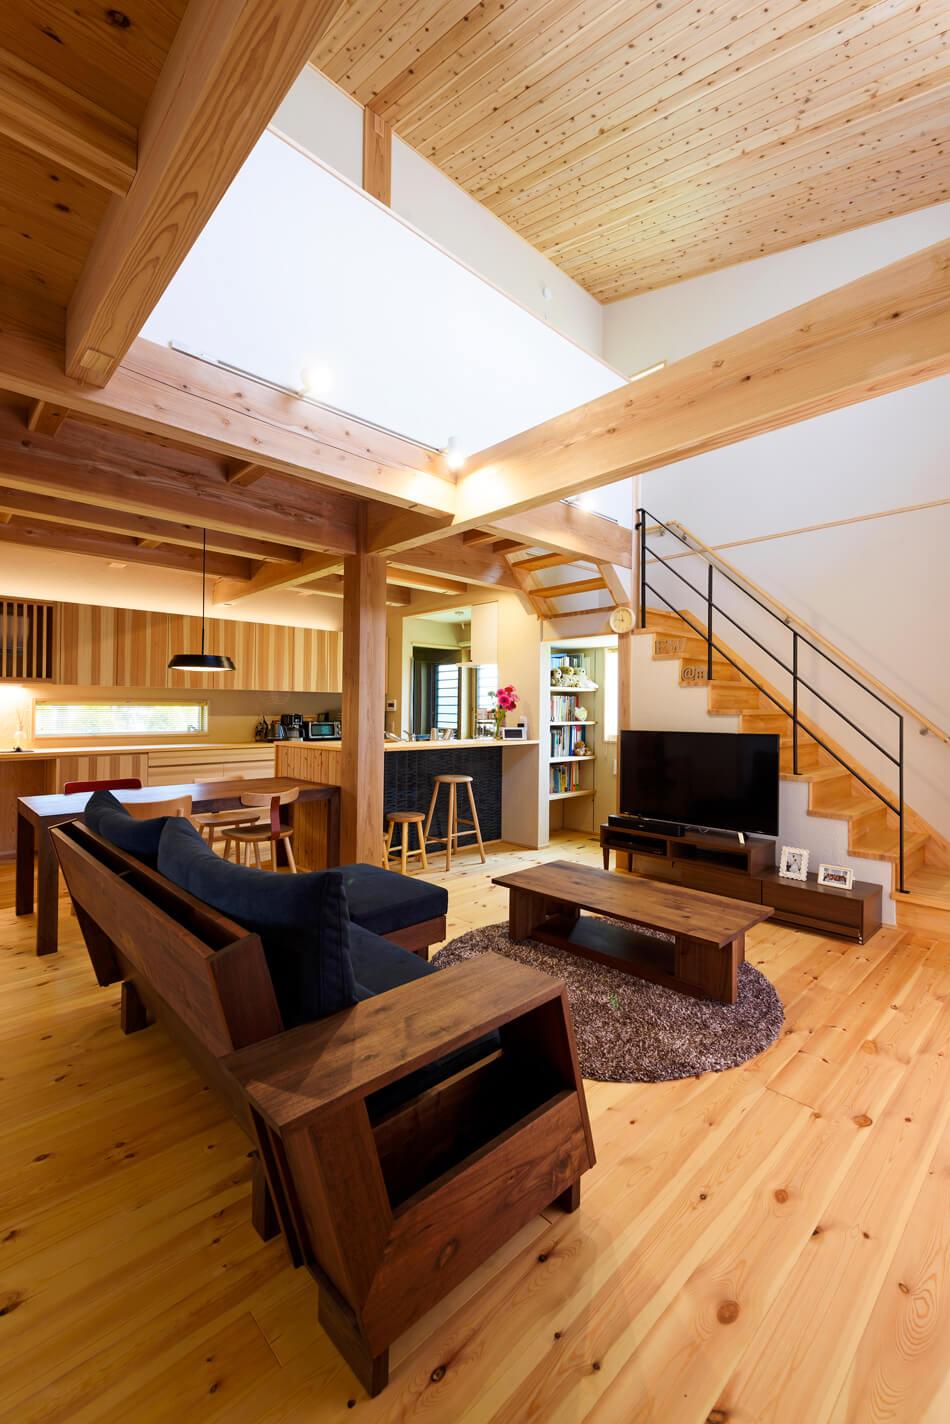 木の家|熊本の新築建築事例|2階建|4LDK|リビング|エコワークス|CASE-19|内観05